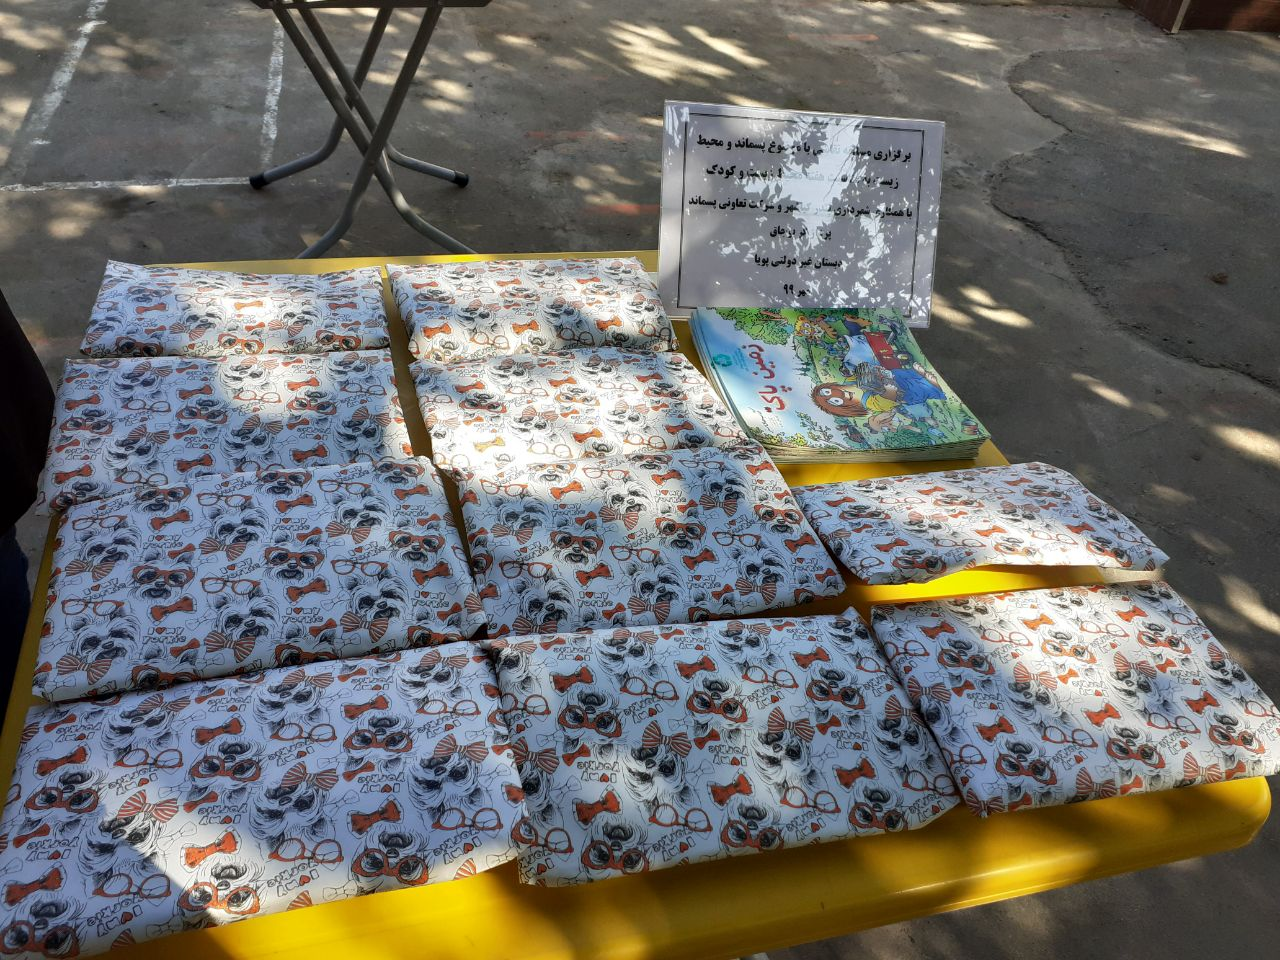 برگزاری مسابقه نقاشی با موضوع محیط زیست و پسماند ویژه کودکان به همت شرکت تعاونی پسماند پردازگر بوجاق بندرکیاشهر در ندرسه پویا بندرکیاشهر